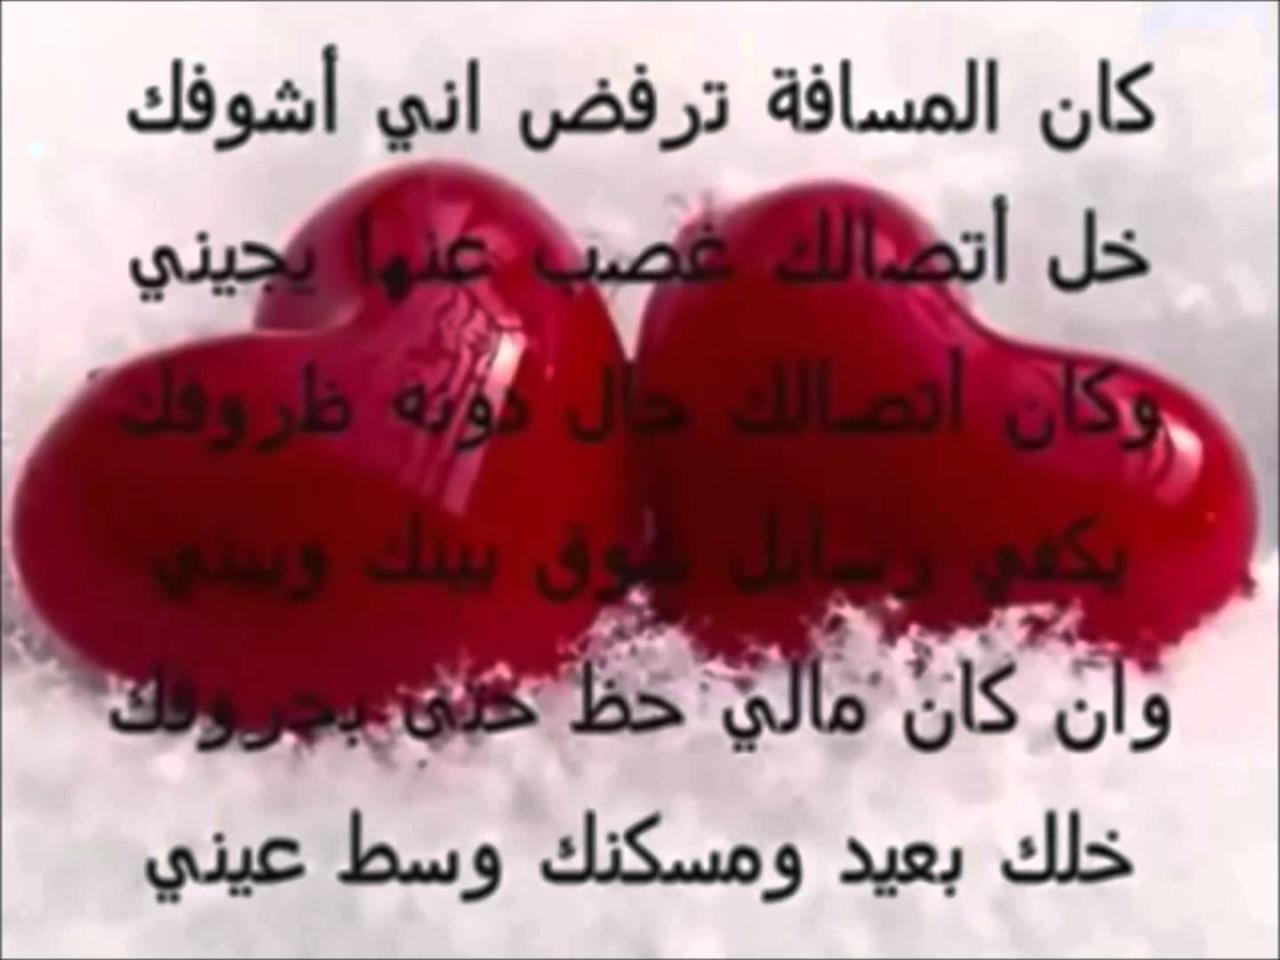 صورة مسجات عن الحبيب , رساله لحبيبى رومانسيه ورقيقه